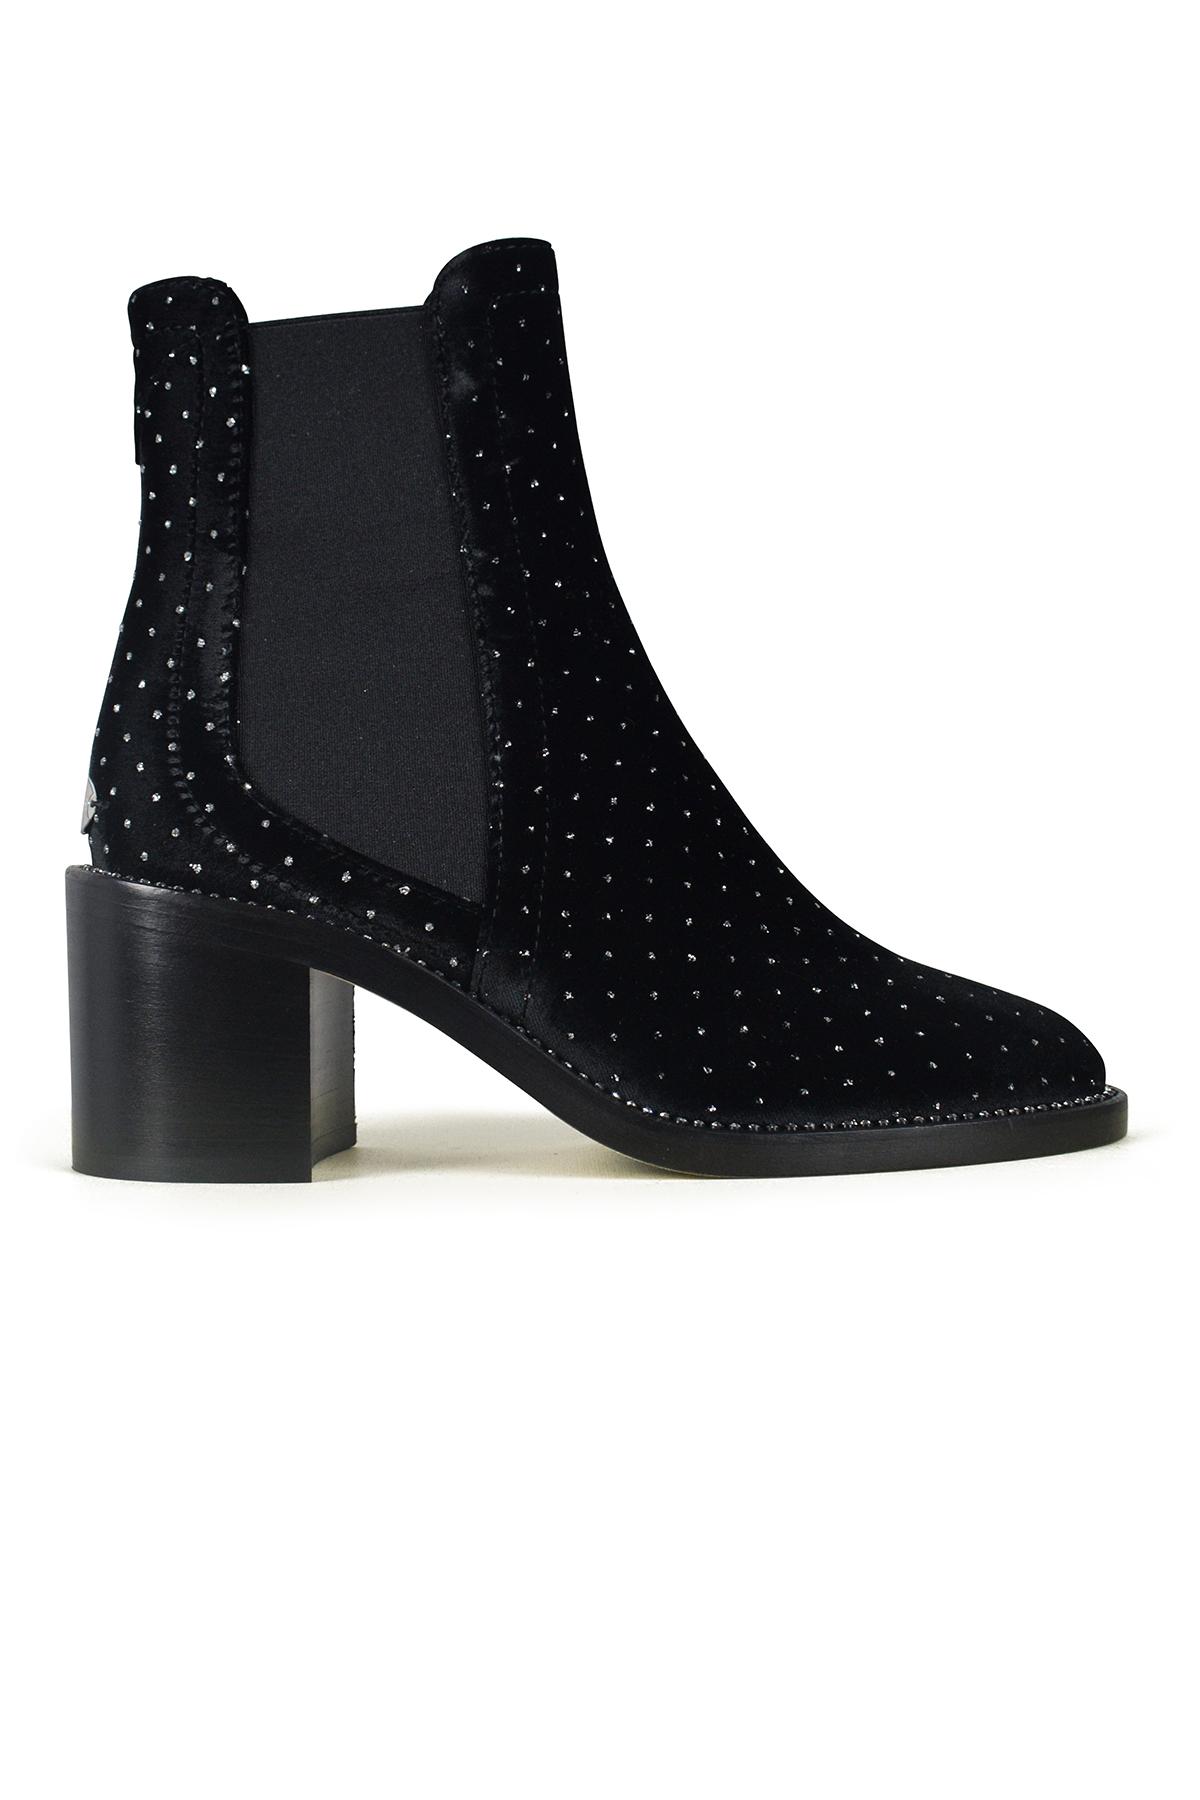 Jimmy Choo Meril boots in black velvet